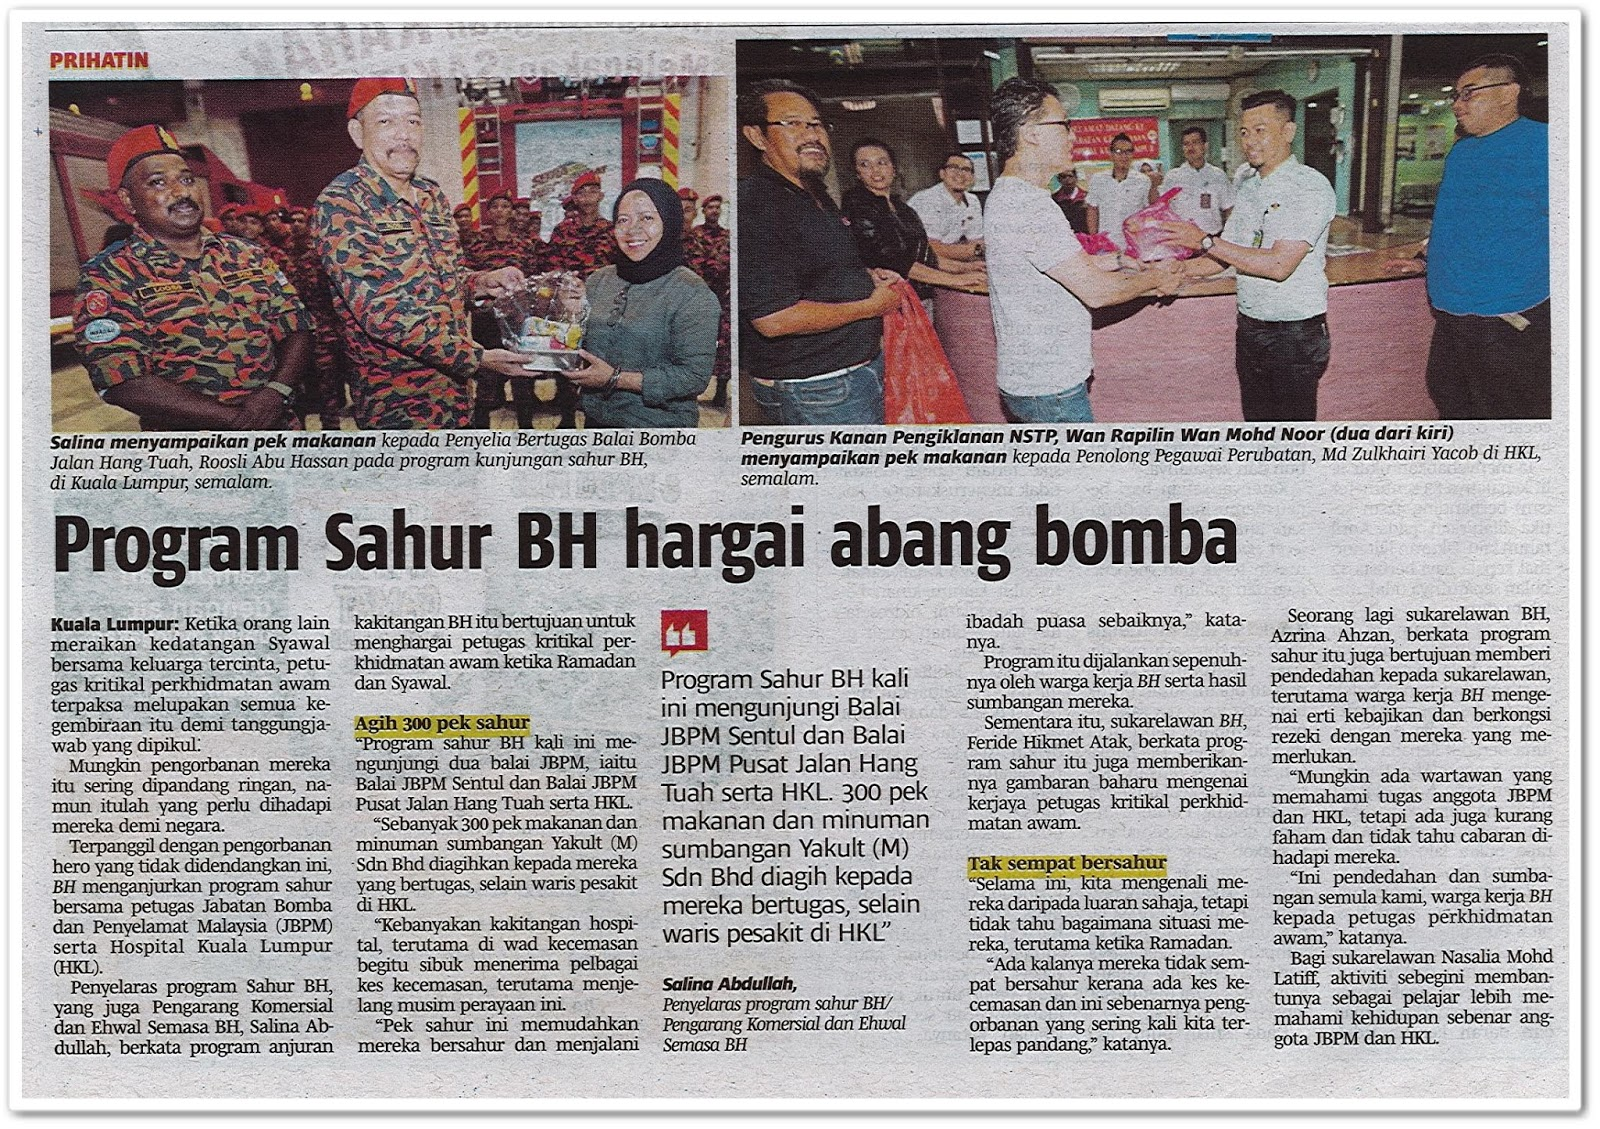 Program Sahur BH hargai abang bomba - Keratan akhbar Berita Harian 3 Jun 2019